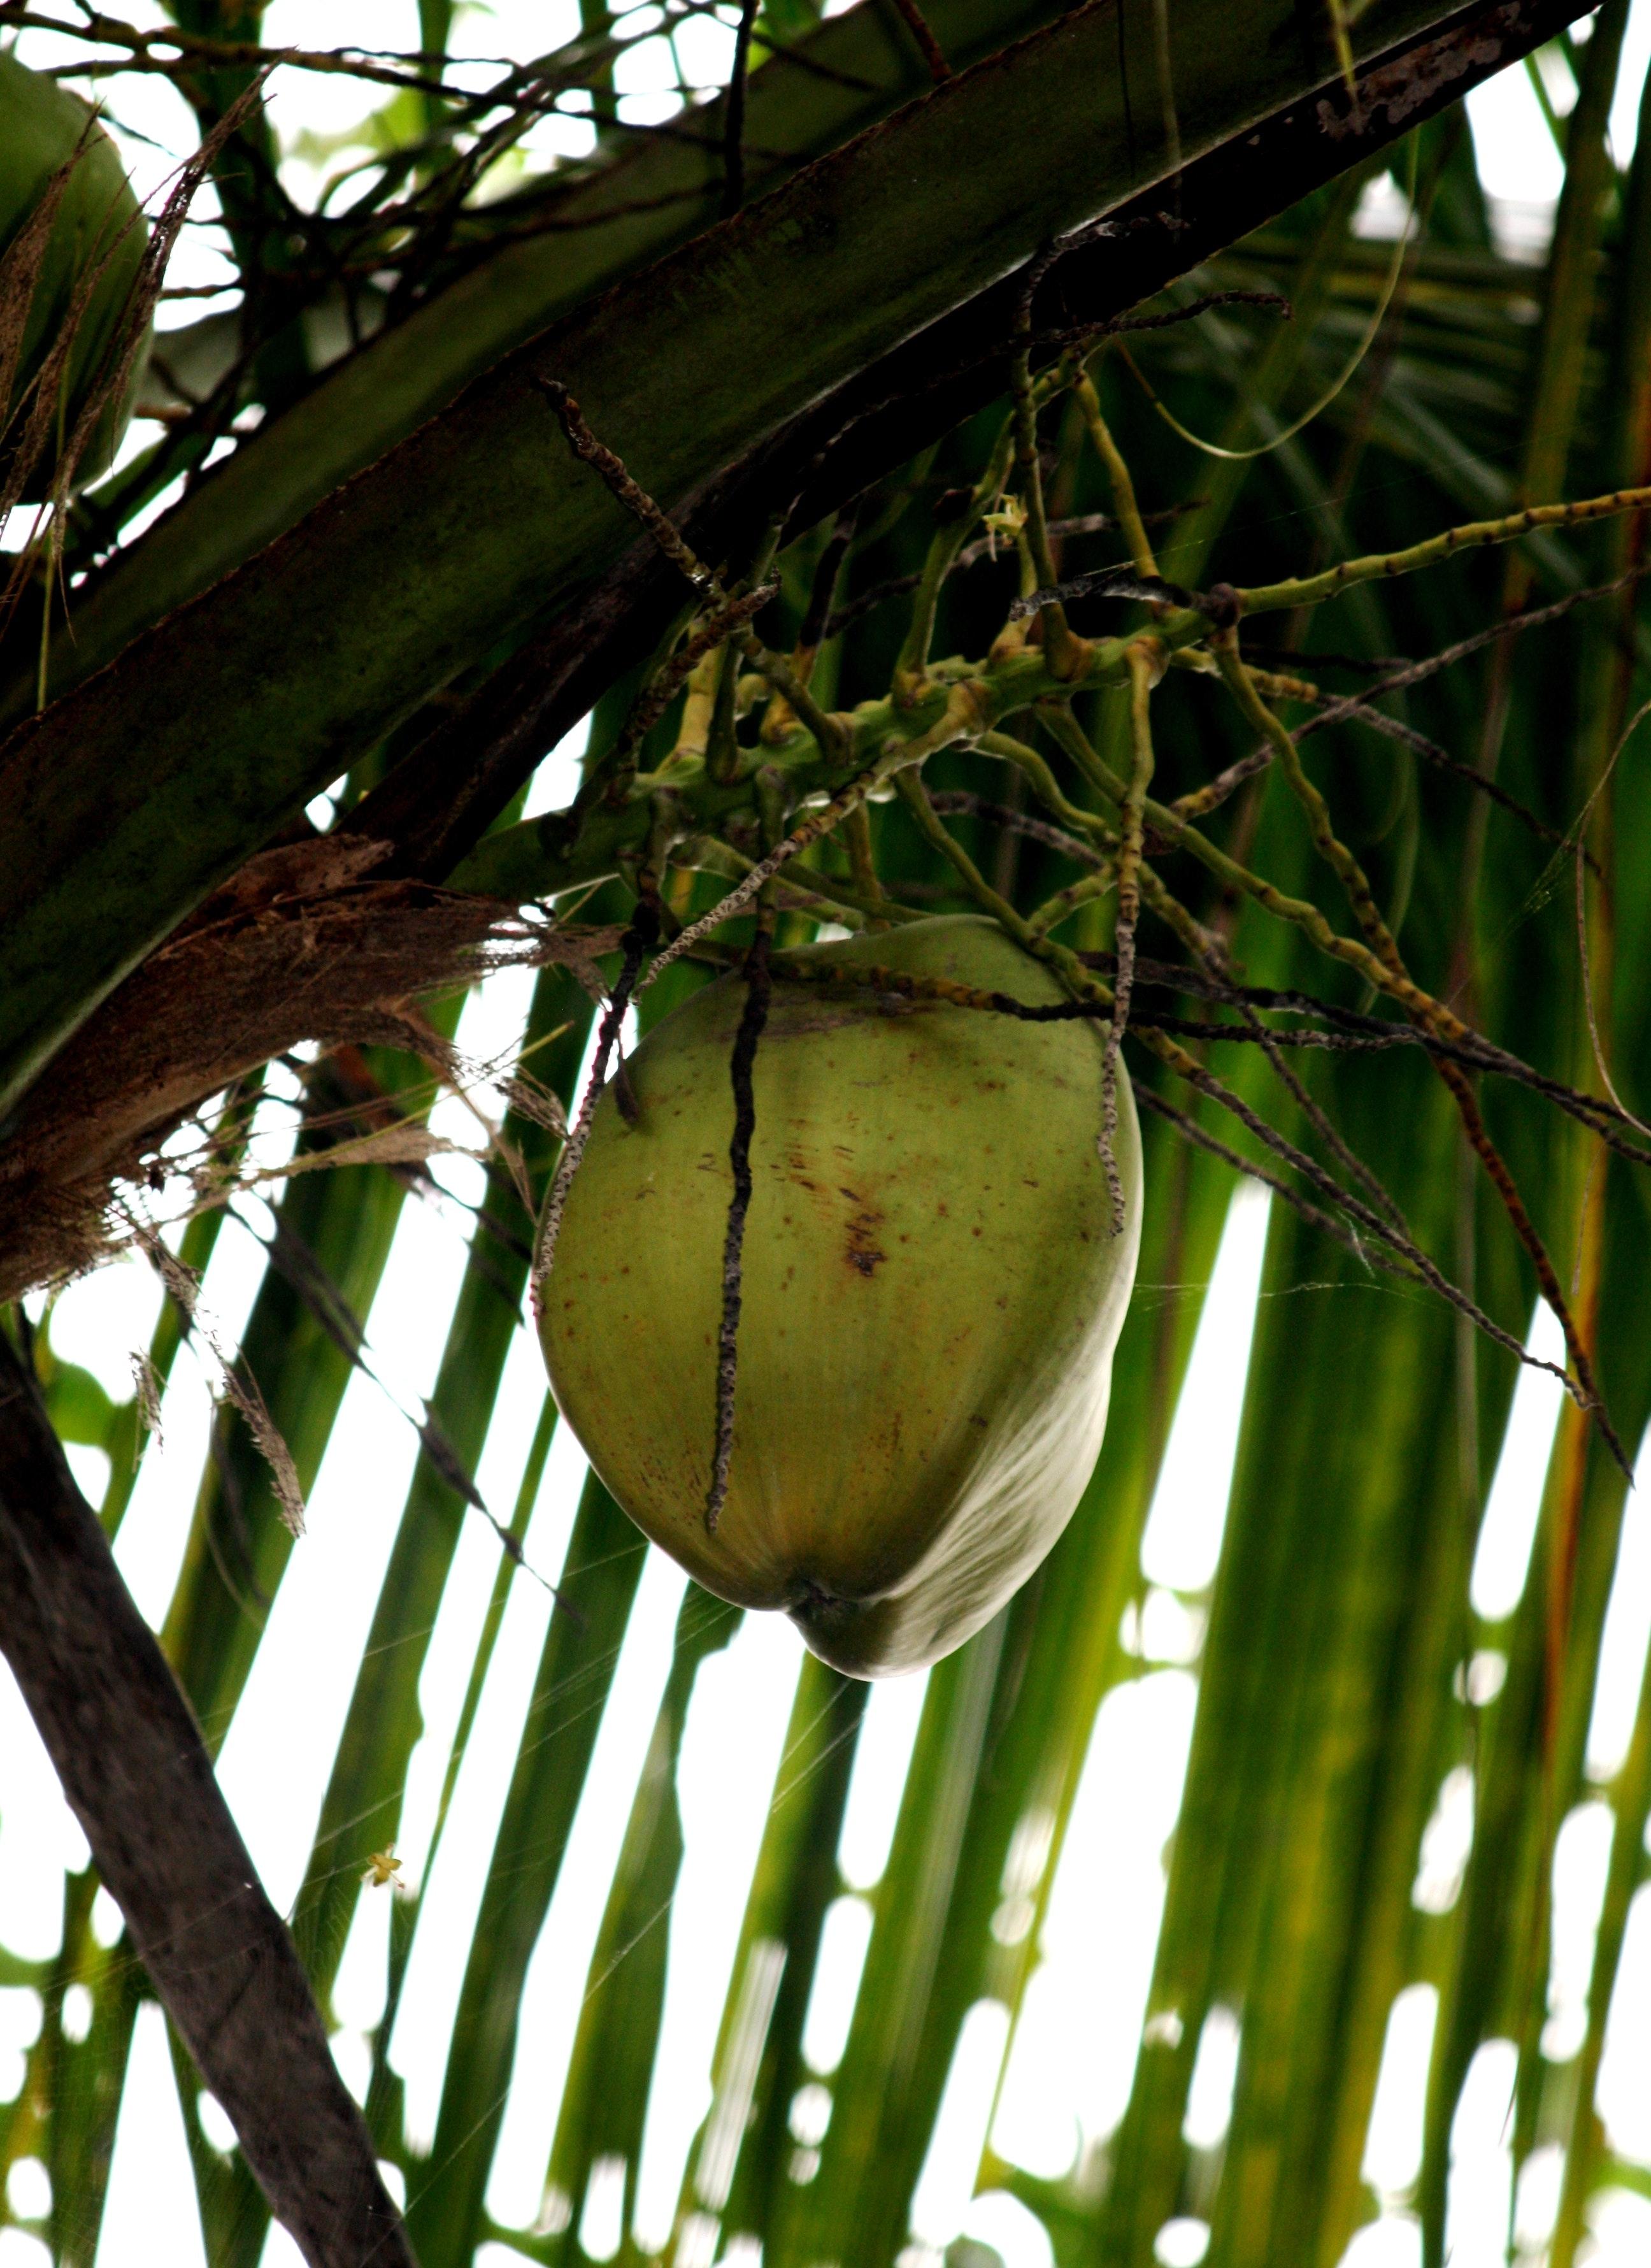 gambar buah kelapa downloadjpg